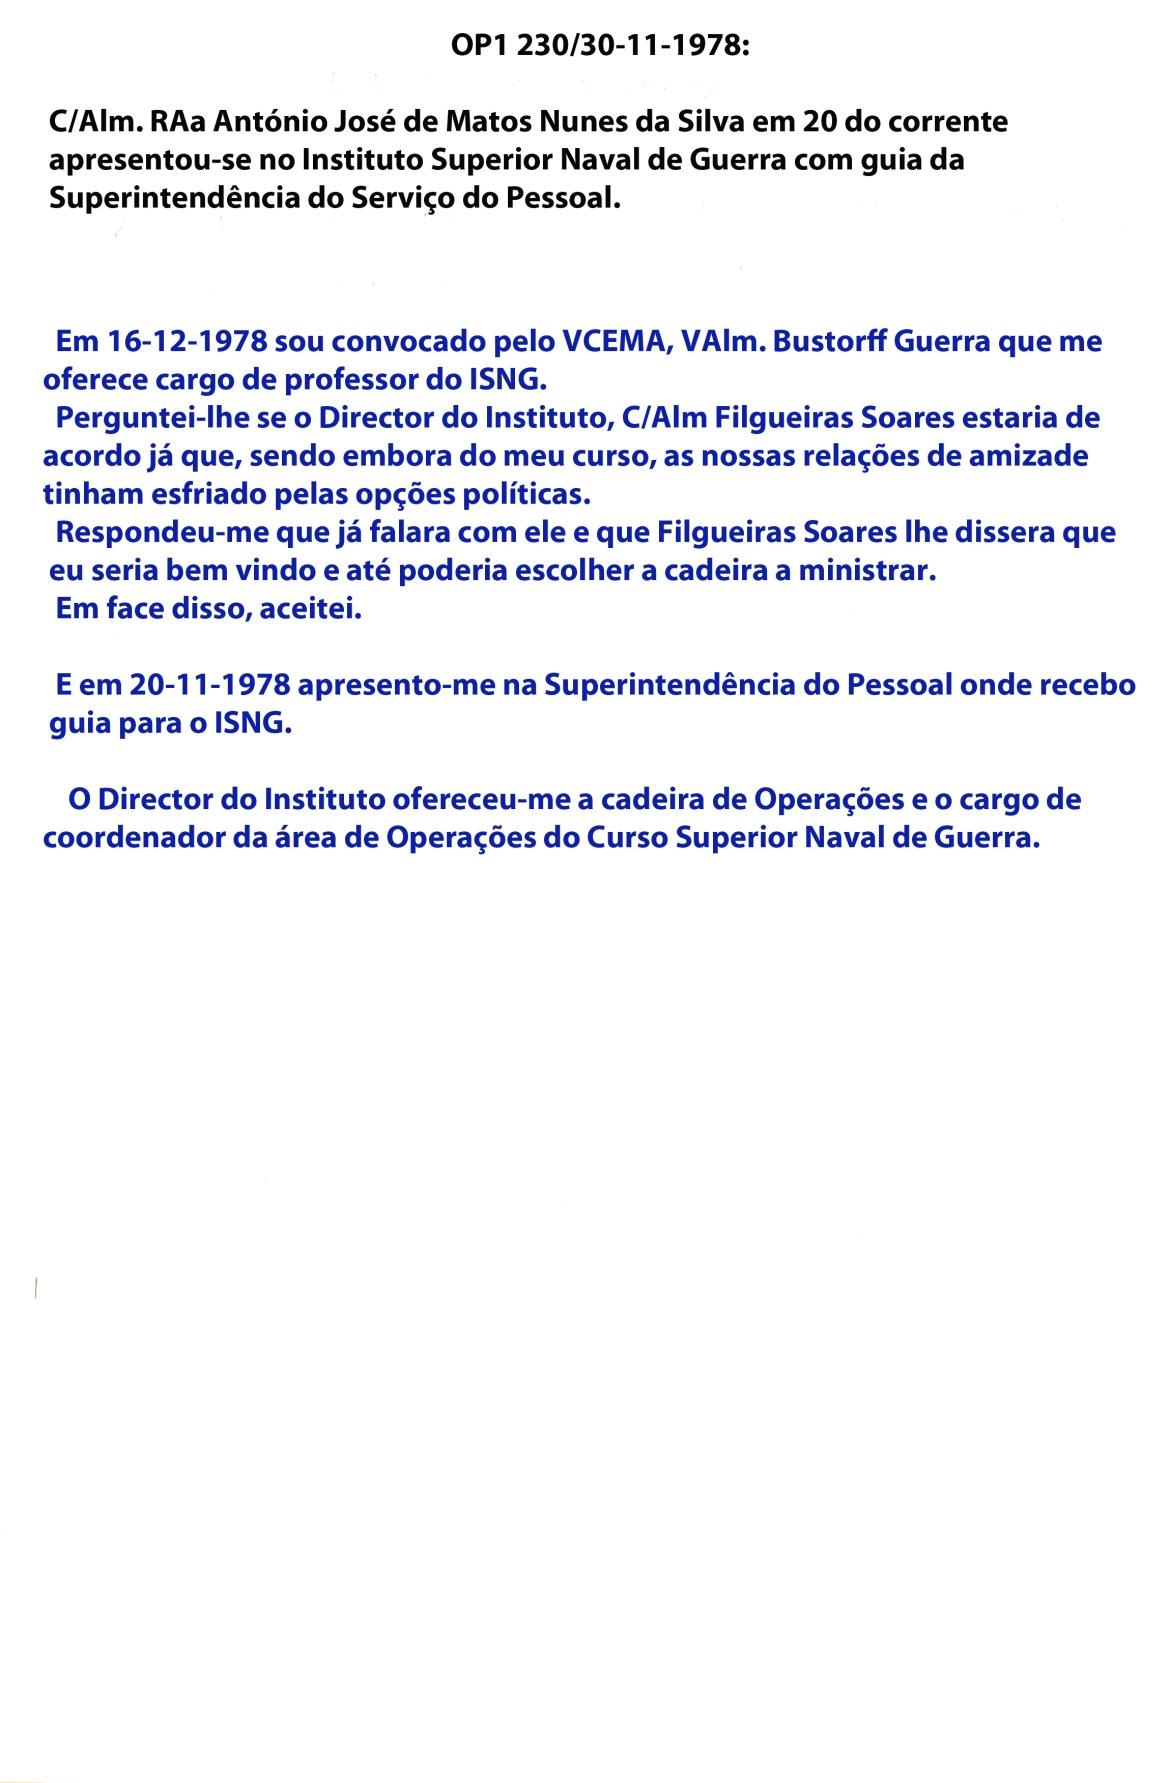 00885 978-11-20 assumi cargo de professor e Coordenador da Área de Operações do Curso Superior do ISNG -transcrição da OP1 230